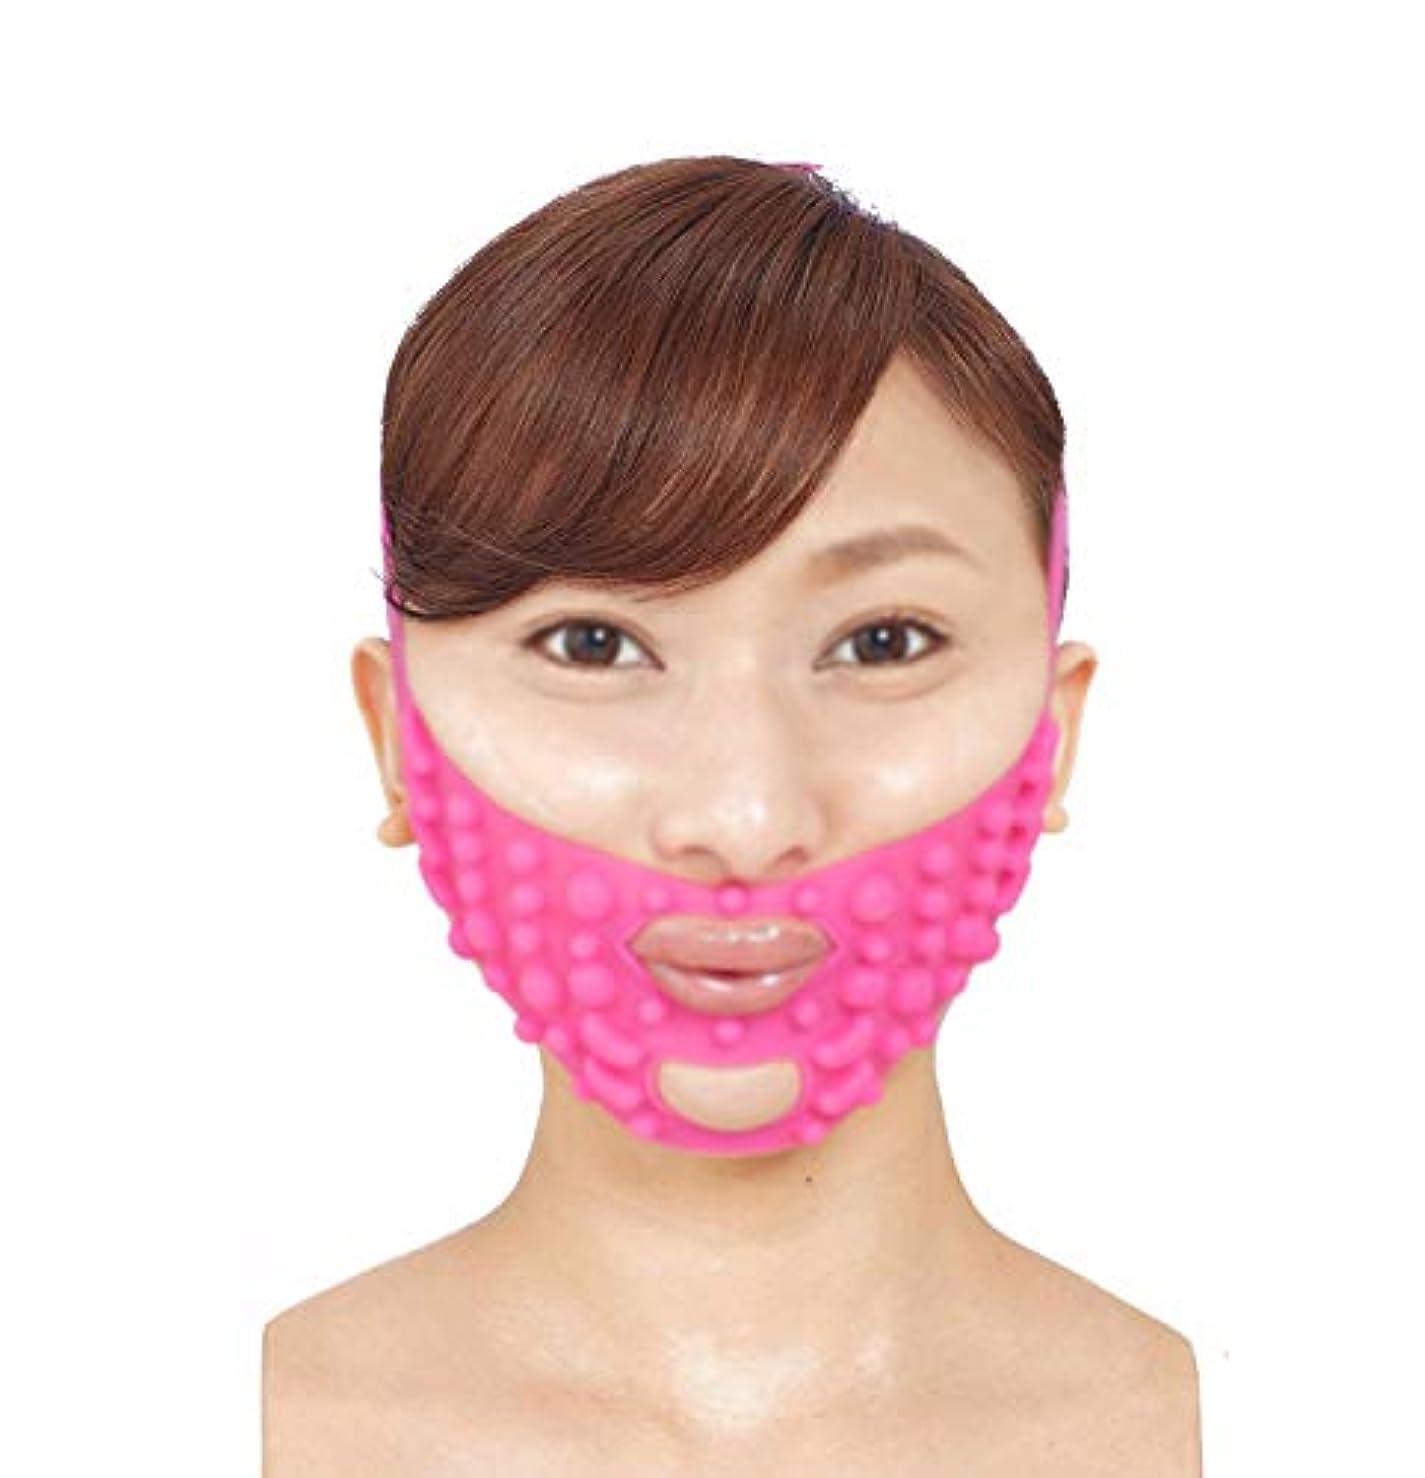 でもたぶんアウターフェイシャルマスク、フェイスリフティングアーティファクトフェイスマスク垂れ下がり面付きVフェイス包帯通気性スリーピングフェイスダブルチンチンセット睡眠弾性スリミングベルト